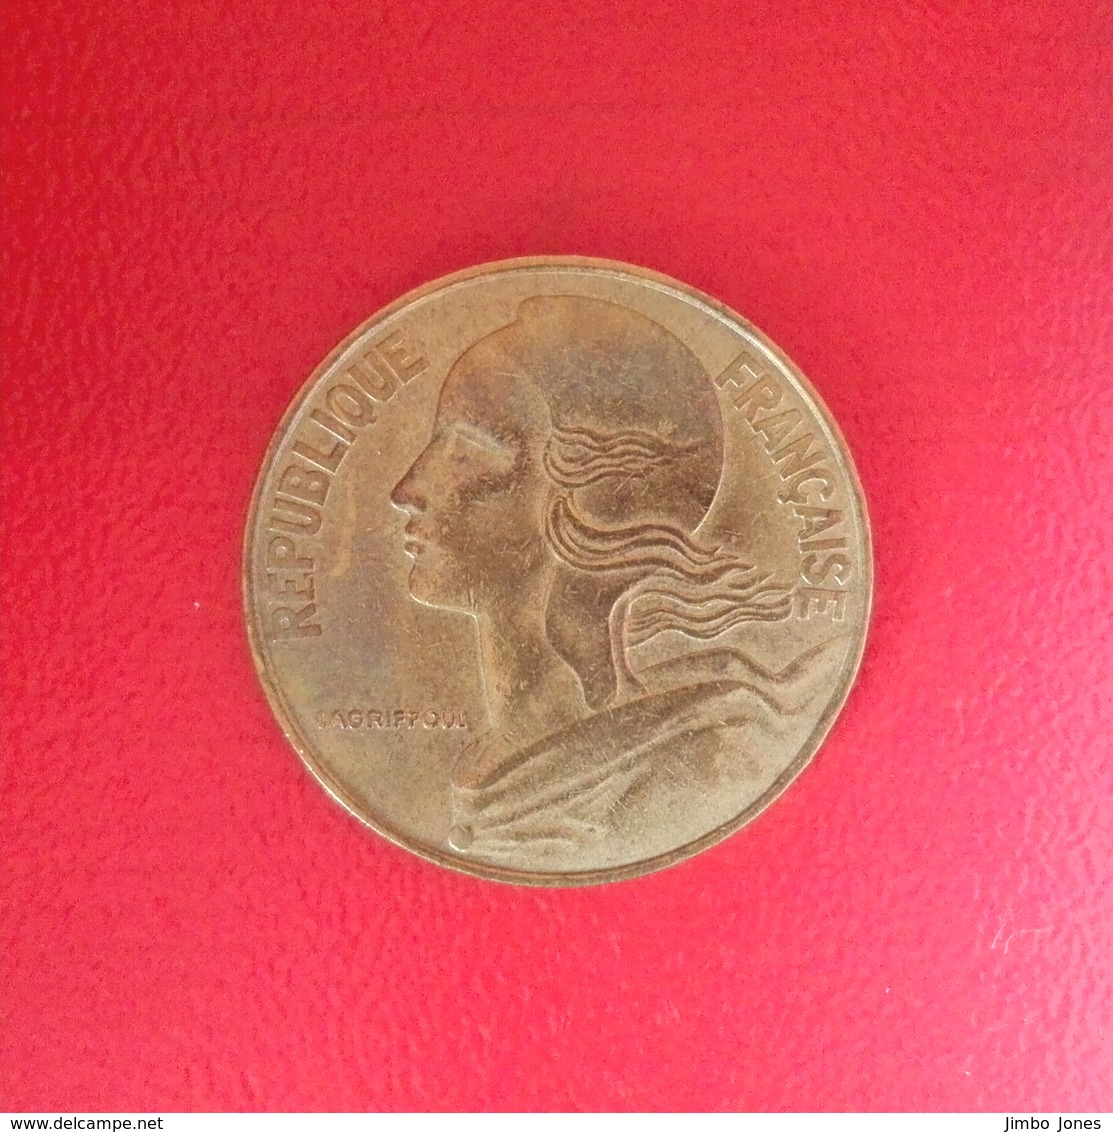 20 Centimes Münze Aus Frankreich Von 1985 (schön Bis Sehr Schön) - Frankreich